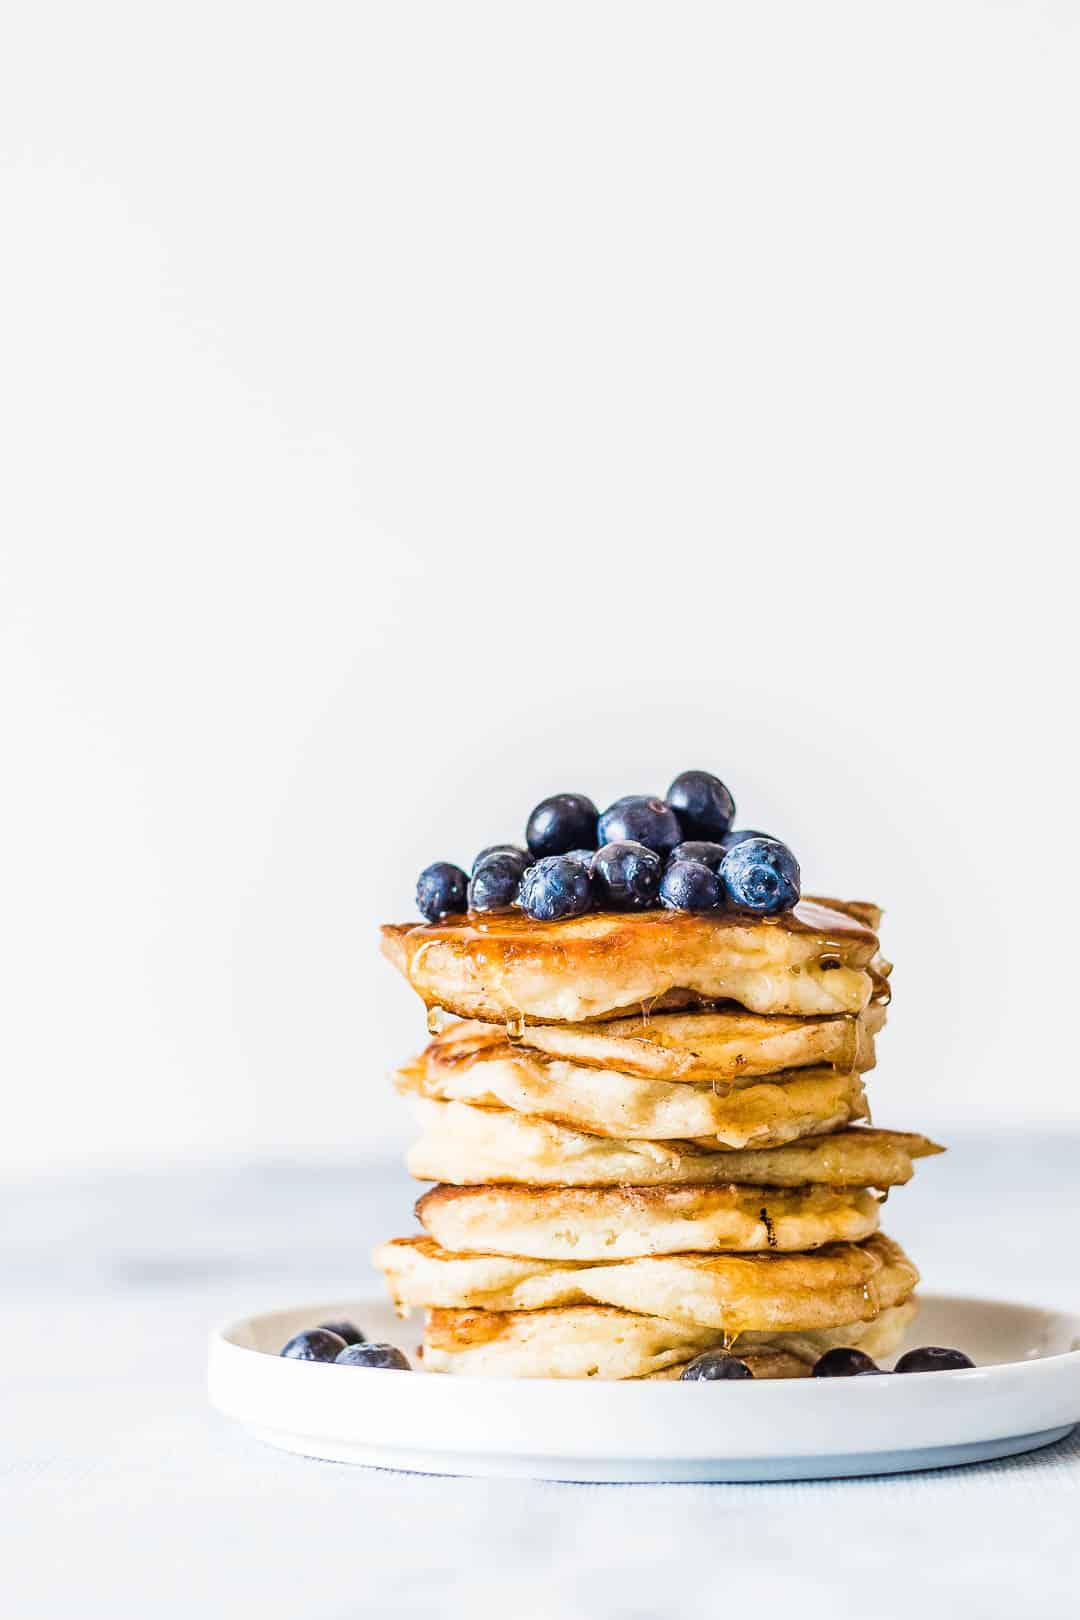 Amerikanske pandekager – tykke og luftige brunch pandekager